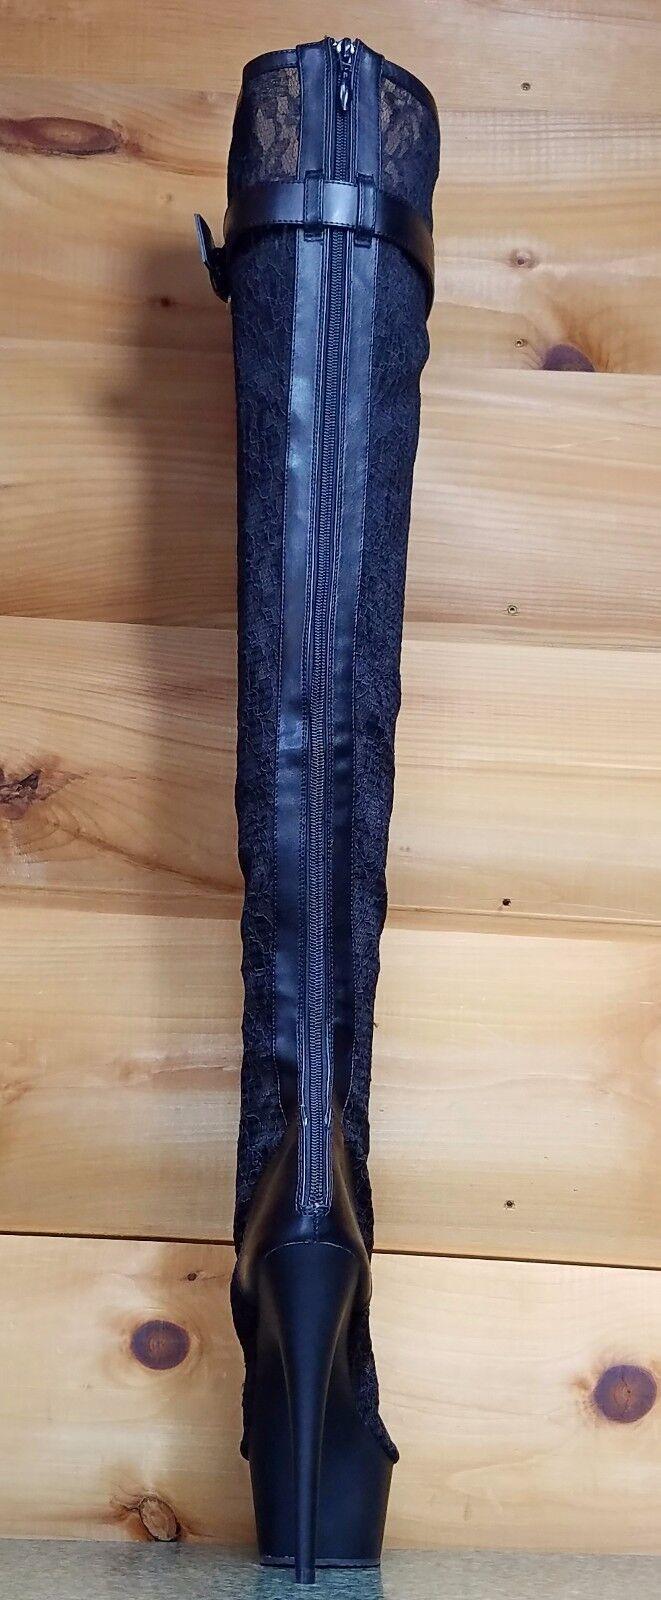 3025 Ml Panel De Encaje Negro Plataforma Botas De Plataforma Negro OTK alto del muslo Tacón de 6 o 7 6466e4